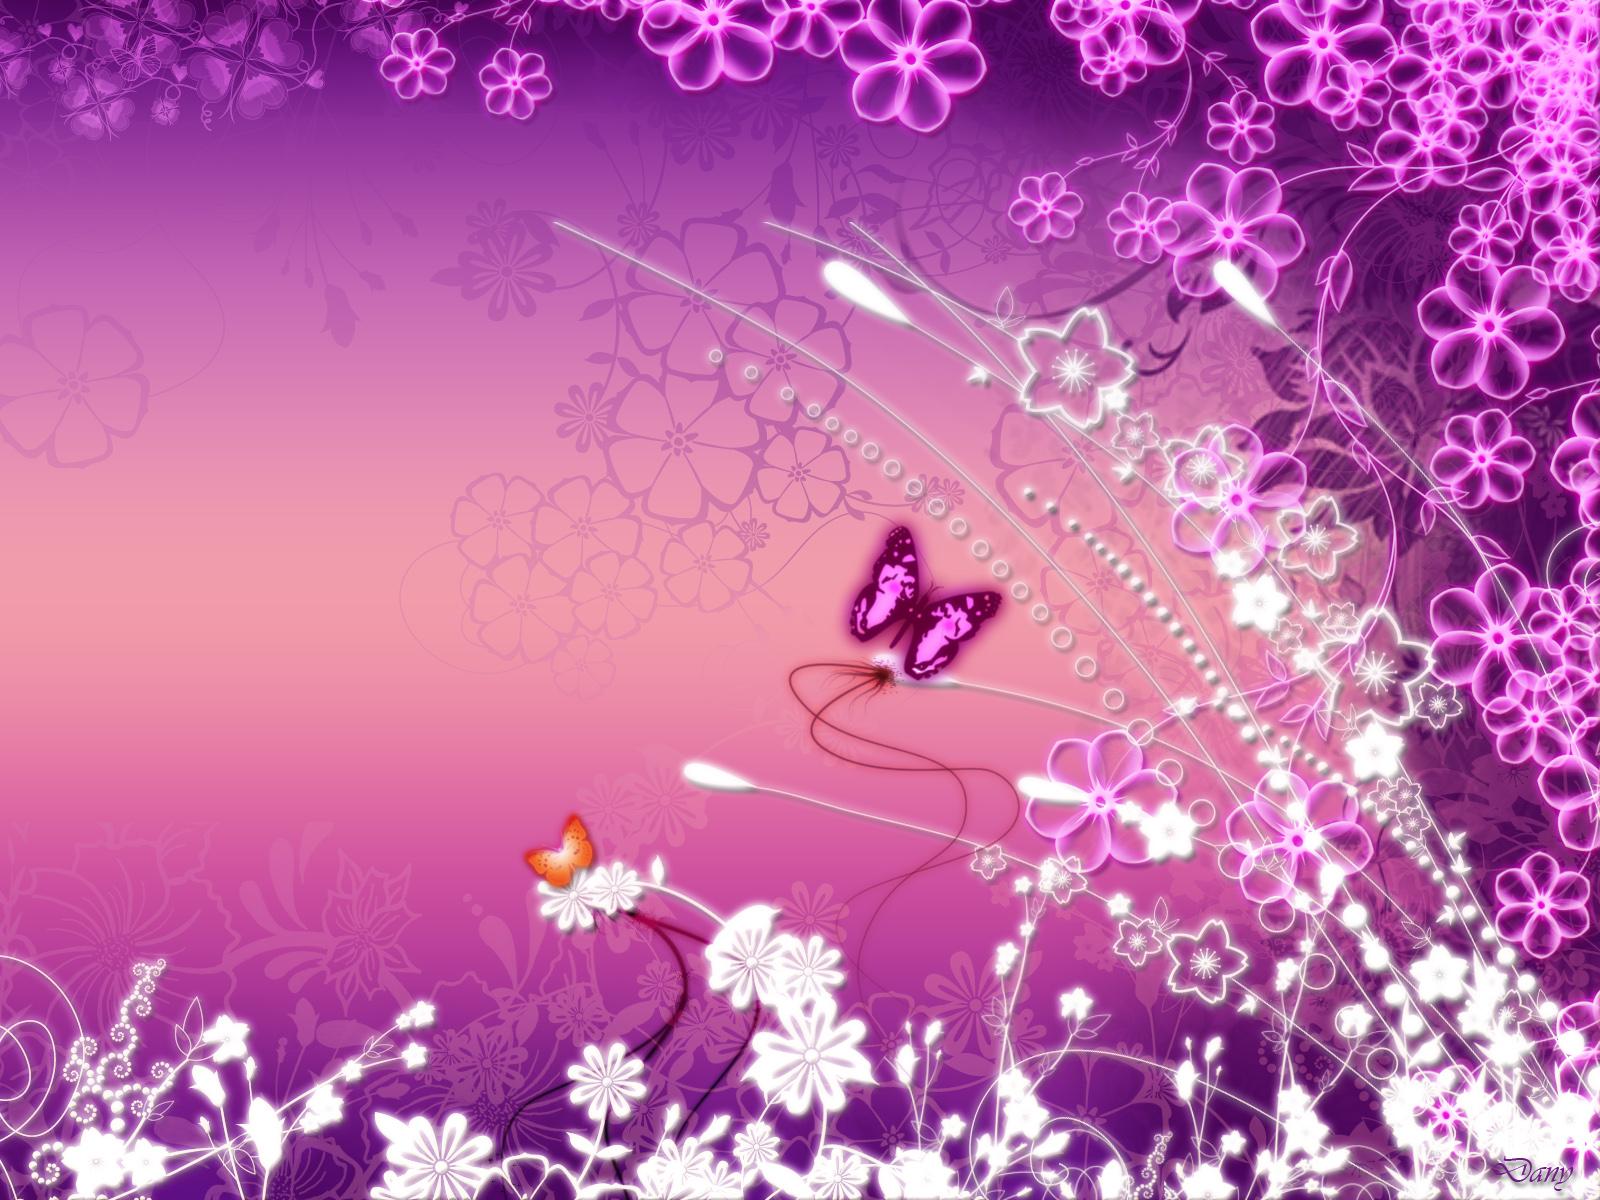 Pink Butterfly Garden desktop wallpaper 1600x1200